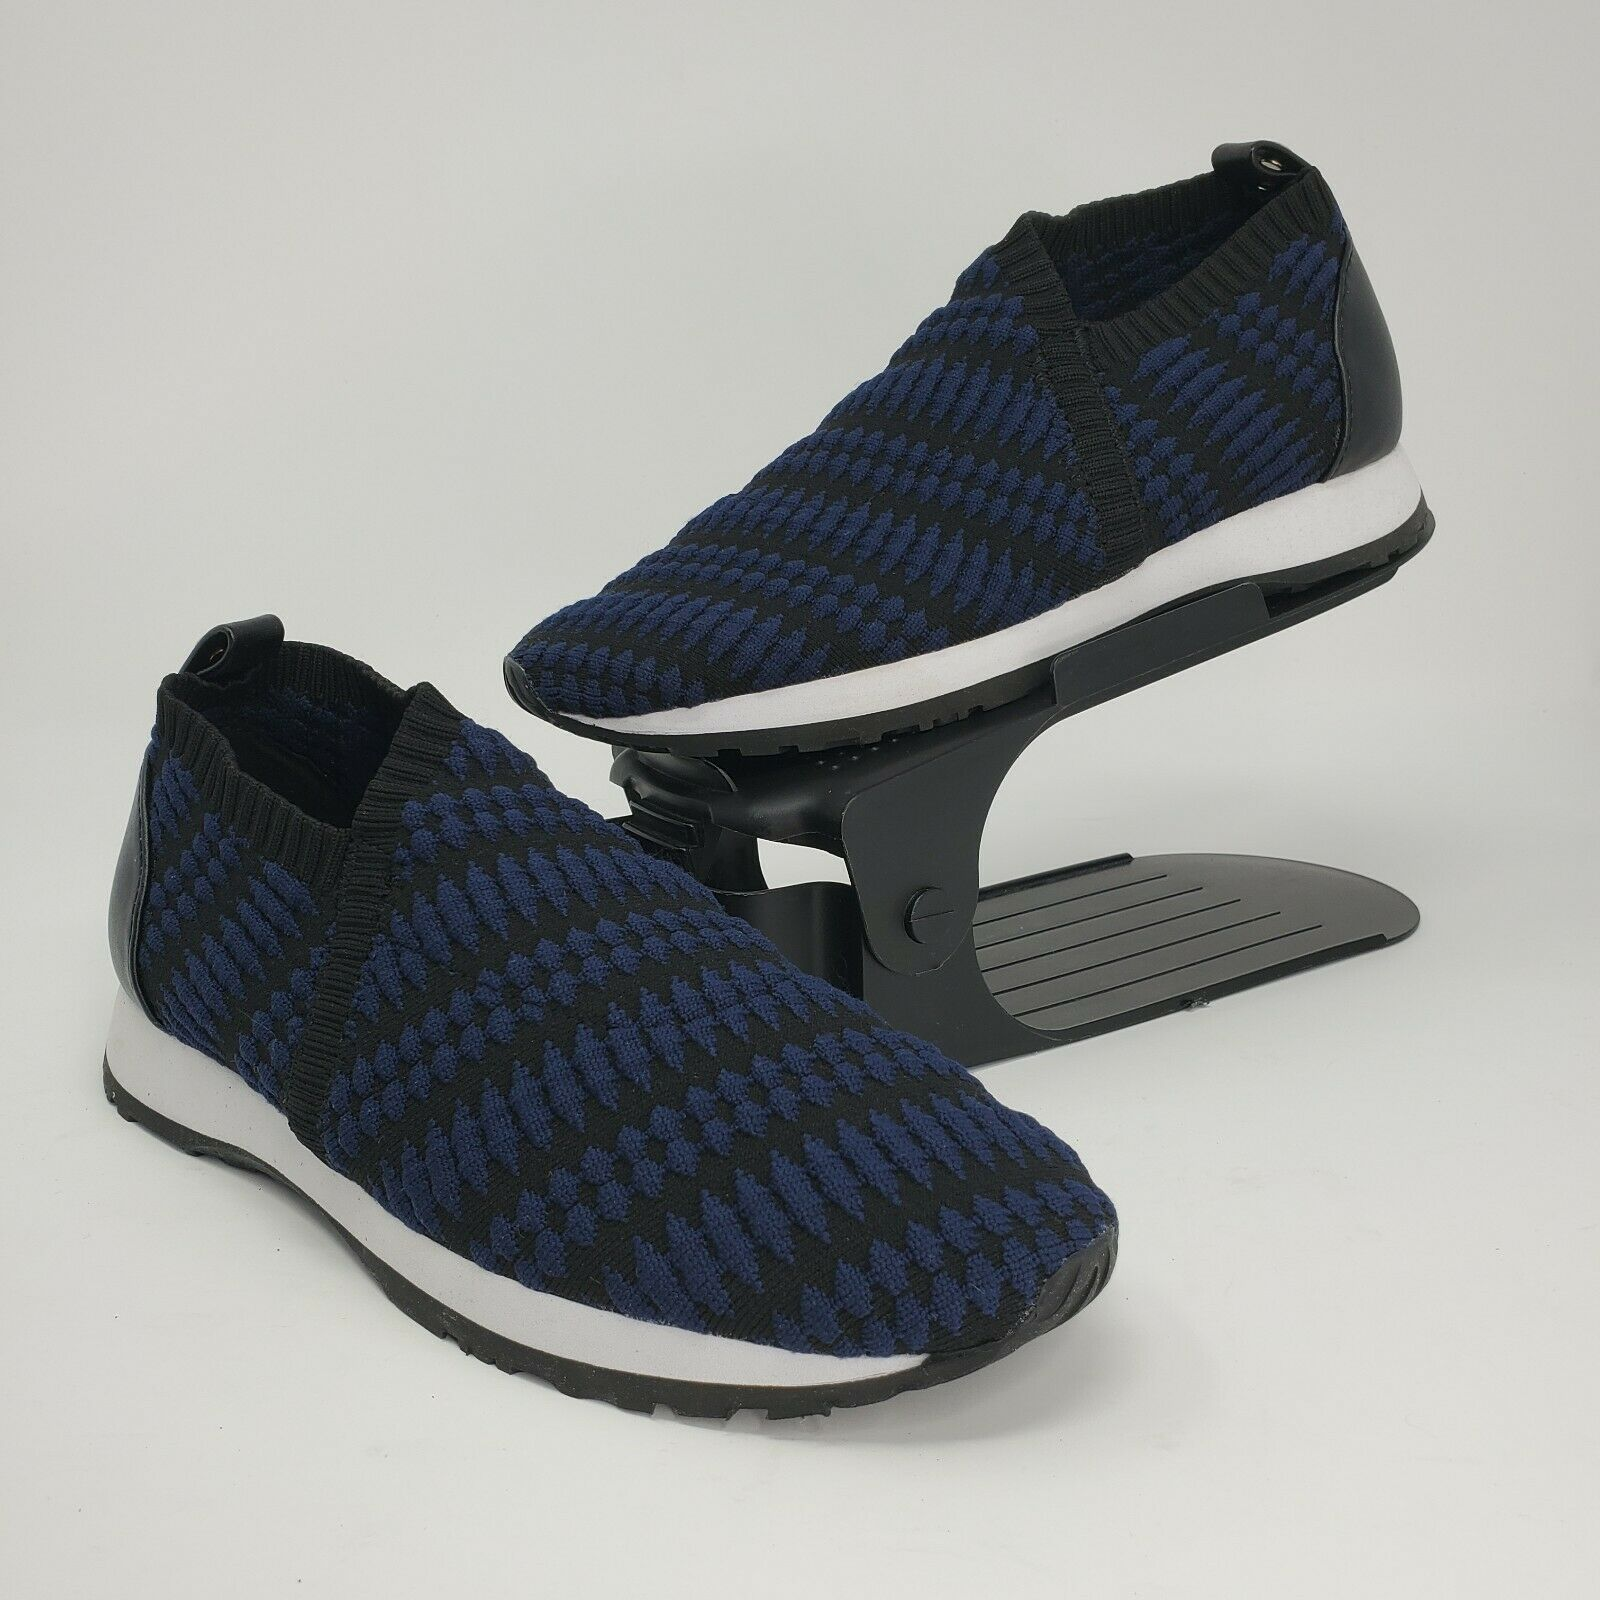 New Taryn Rose Womens Caren Geo-Knit Slip-on Sneakers Blue Black Size 6